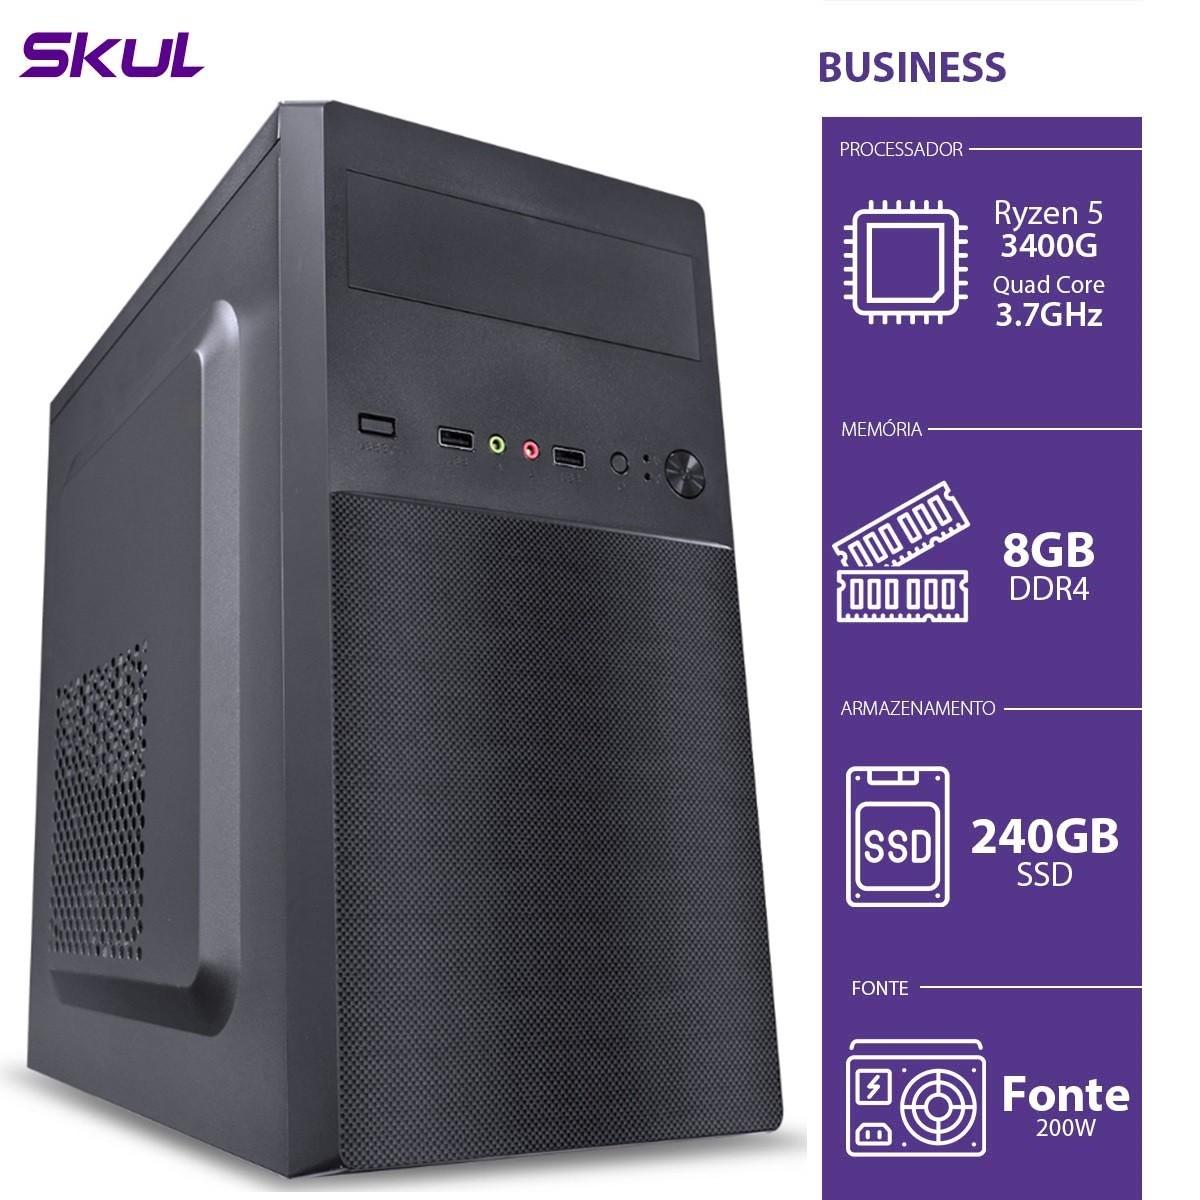 Computador Skul T-Gamer Business B500 Ryzen 5 3400G / 8GB DDR4 / SSD 240GB  / HDMI/VGA / FONTE 200W